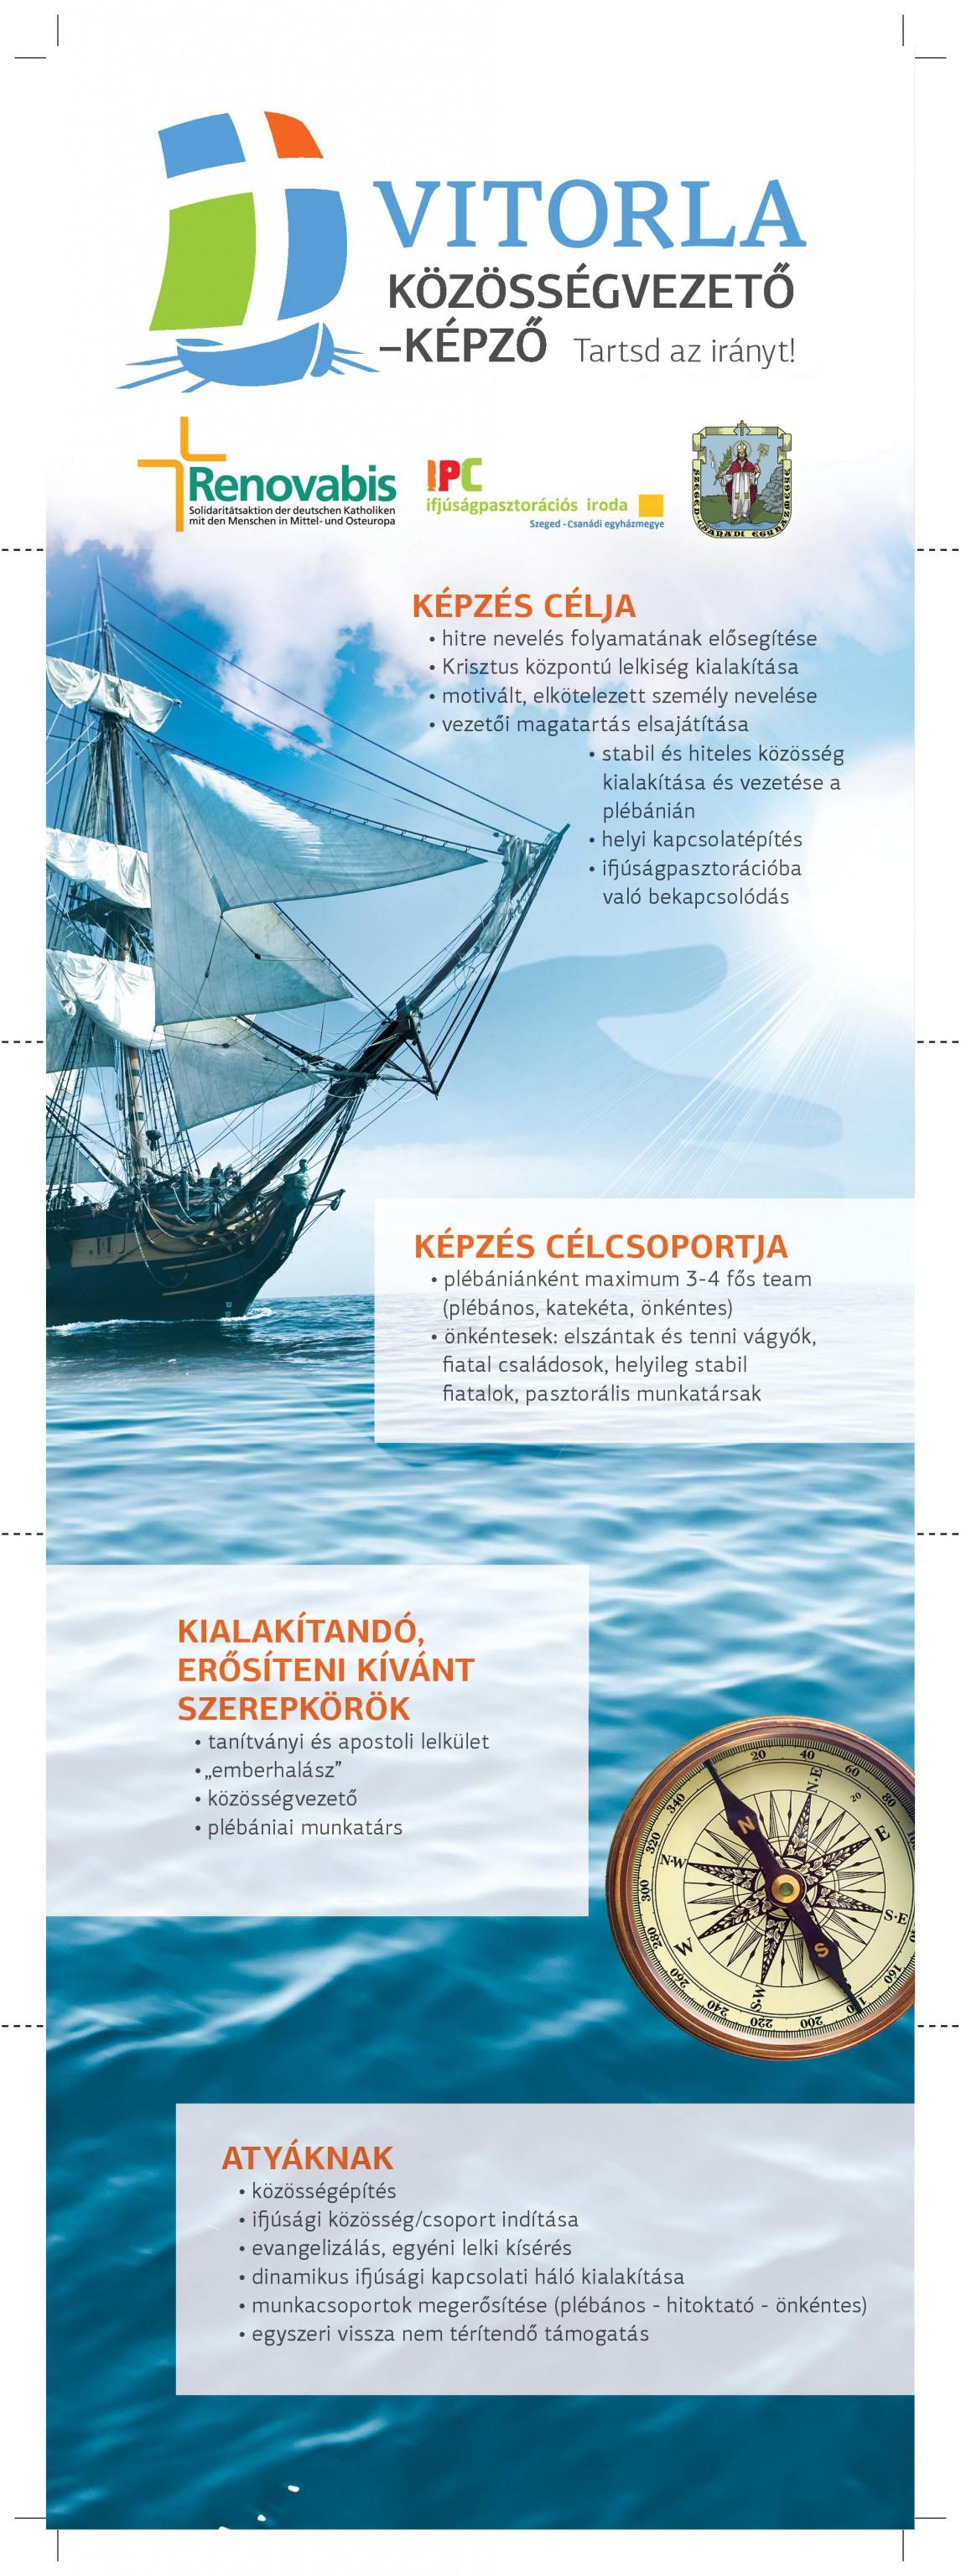 vitorla_kozossegvezeto_kepzo_leporello jó-page-001